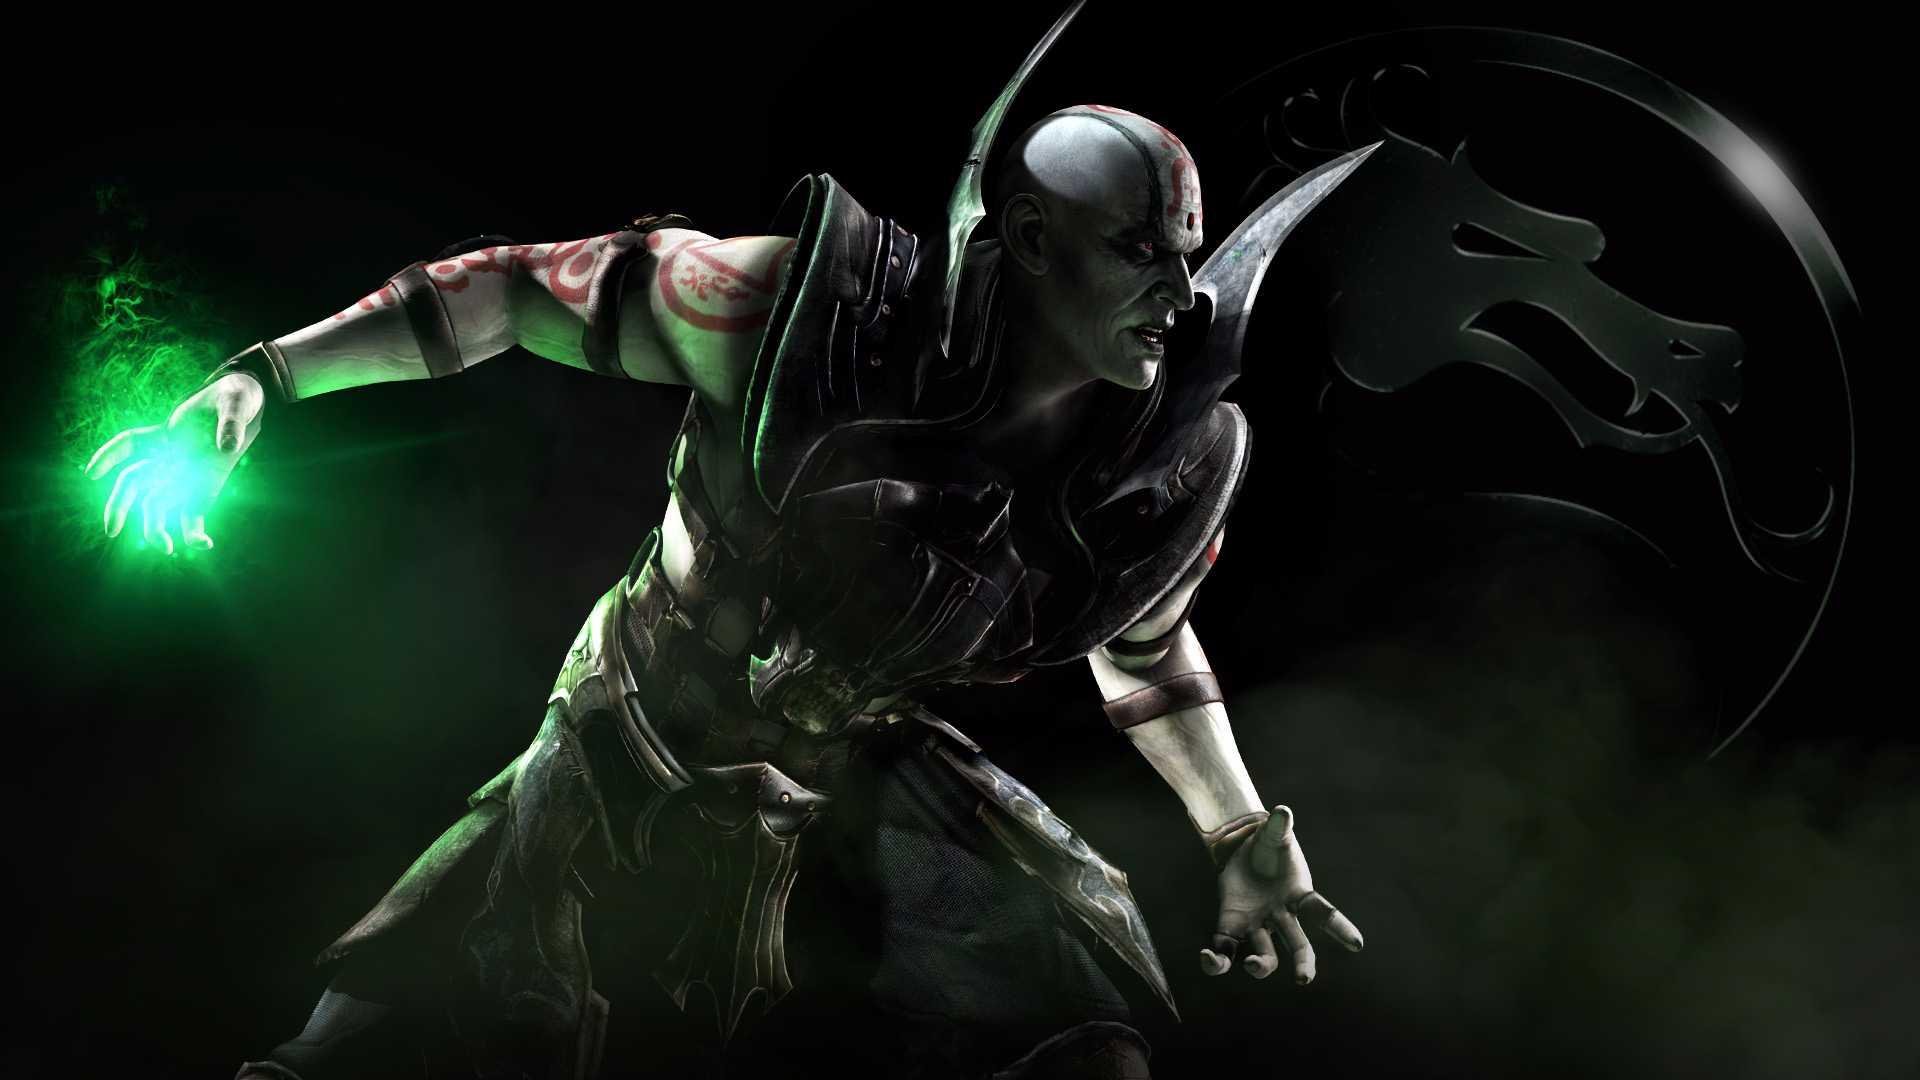 ویدئو: نگاهی به نسخه اندروید Mortal Kombat X داشته باشید